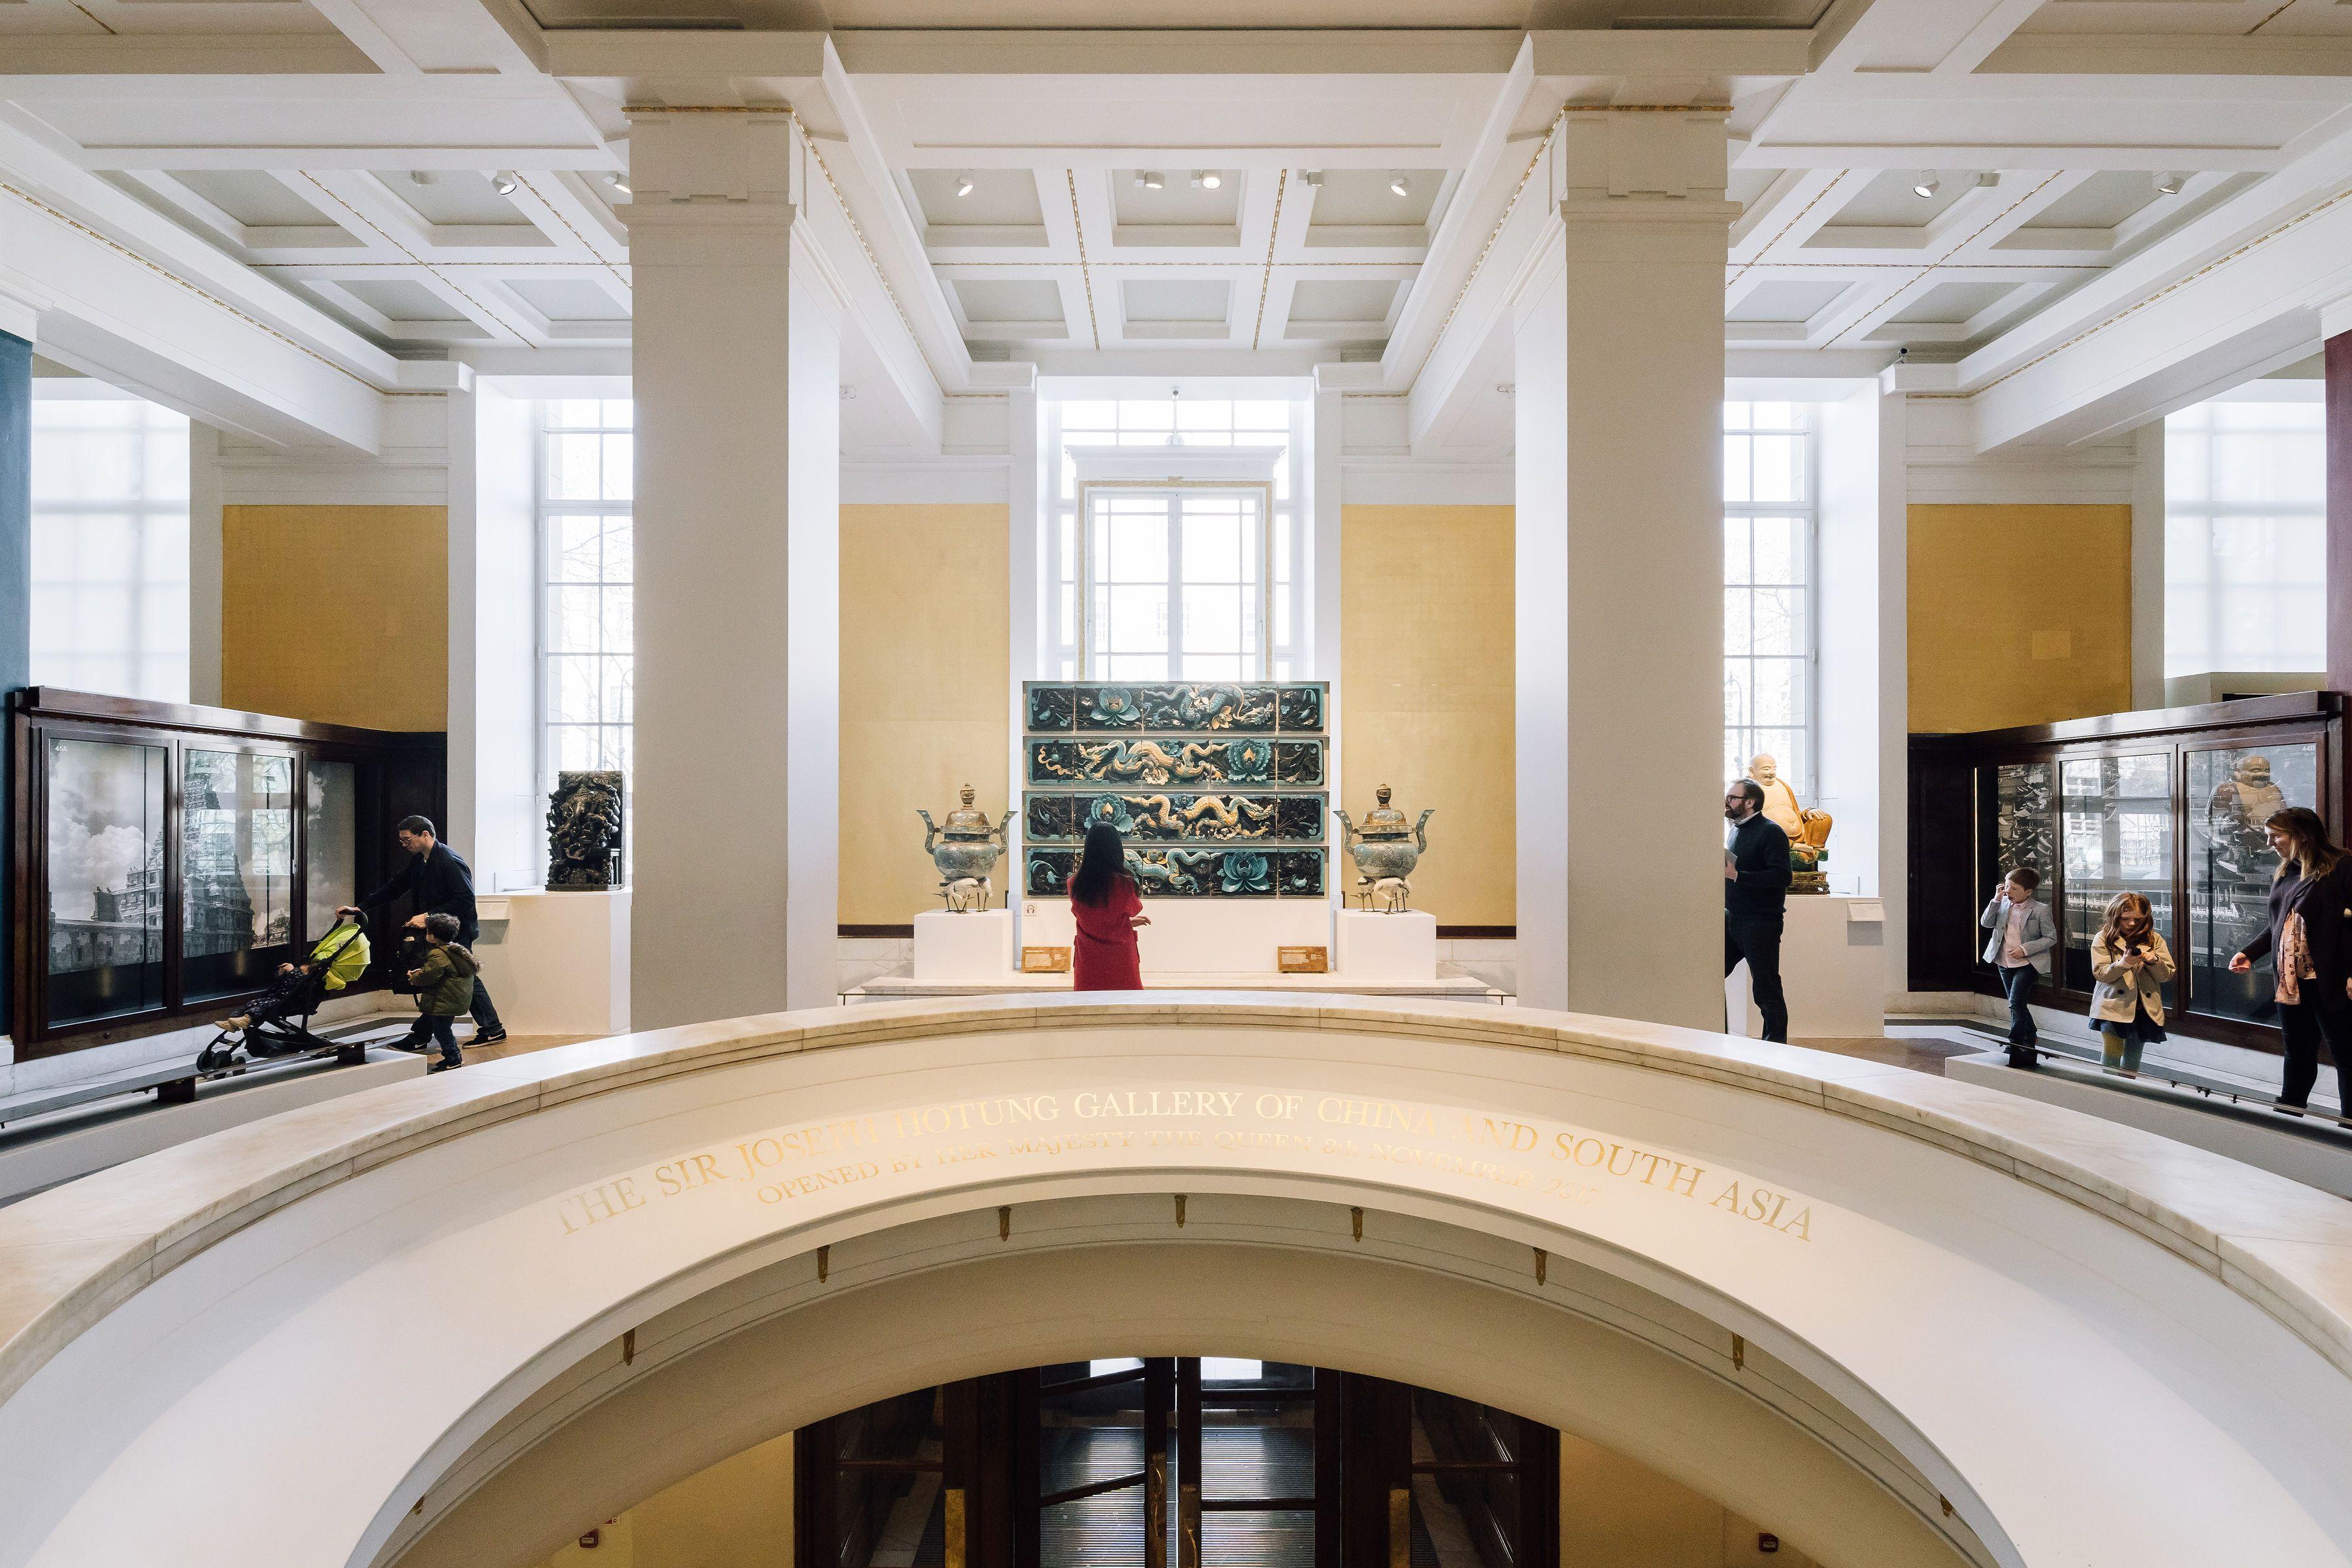 Rotonda en el museo británico con algunos clientes caminando